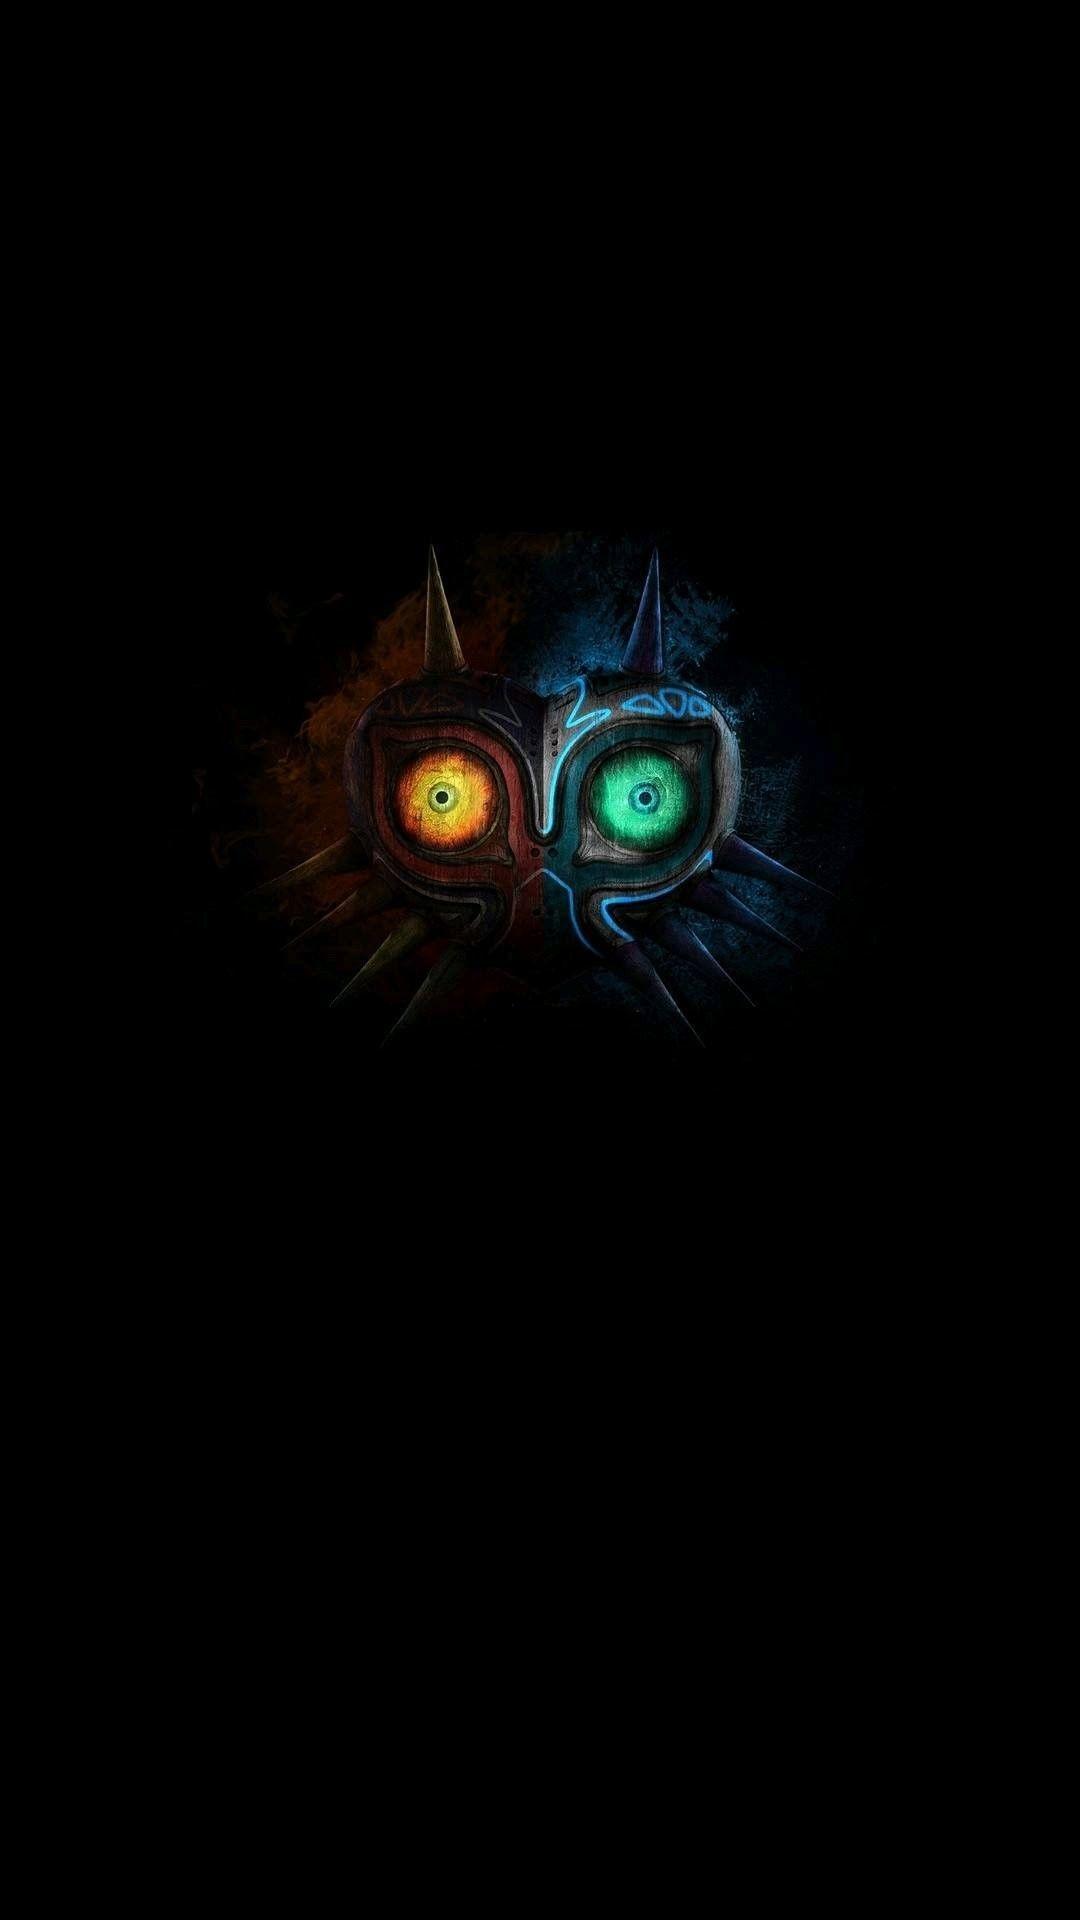 Dark Iphone Wallpaper Dark Background Wallpaper Owl Wallpaper Iphone Owl Wallpaper